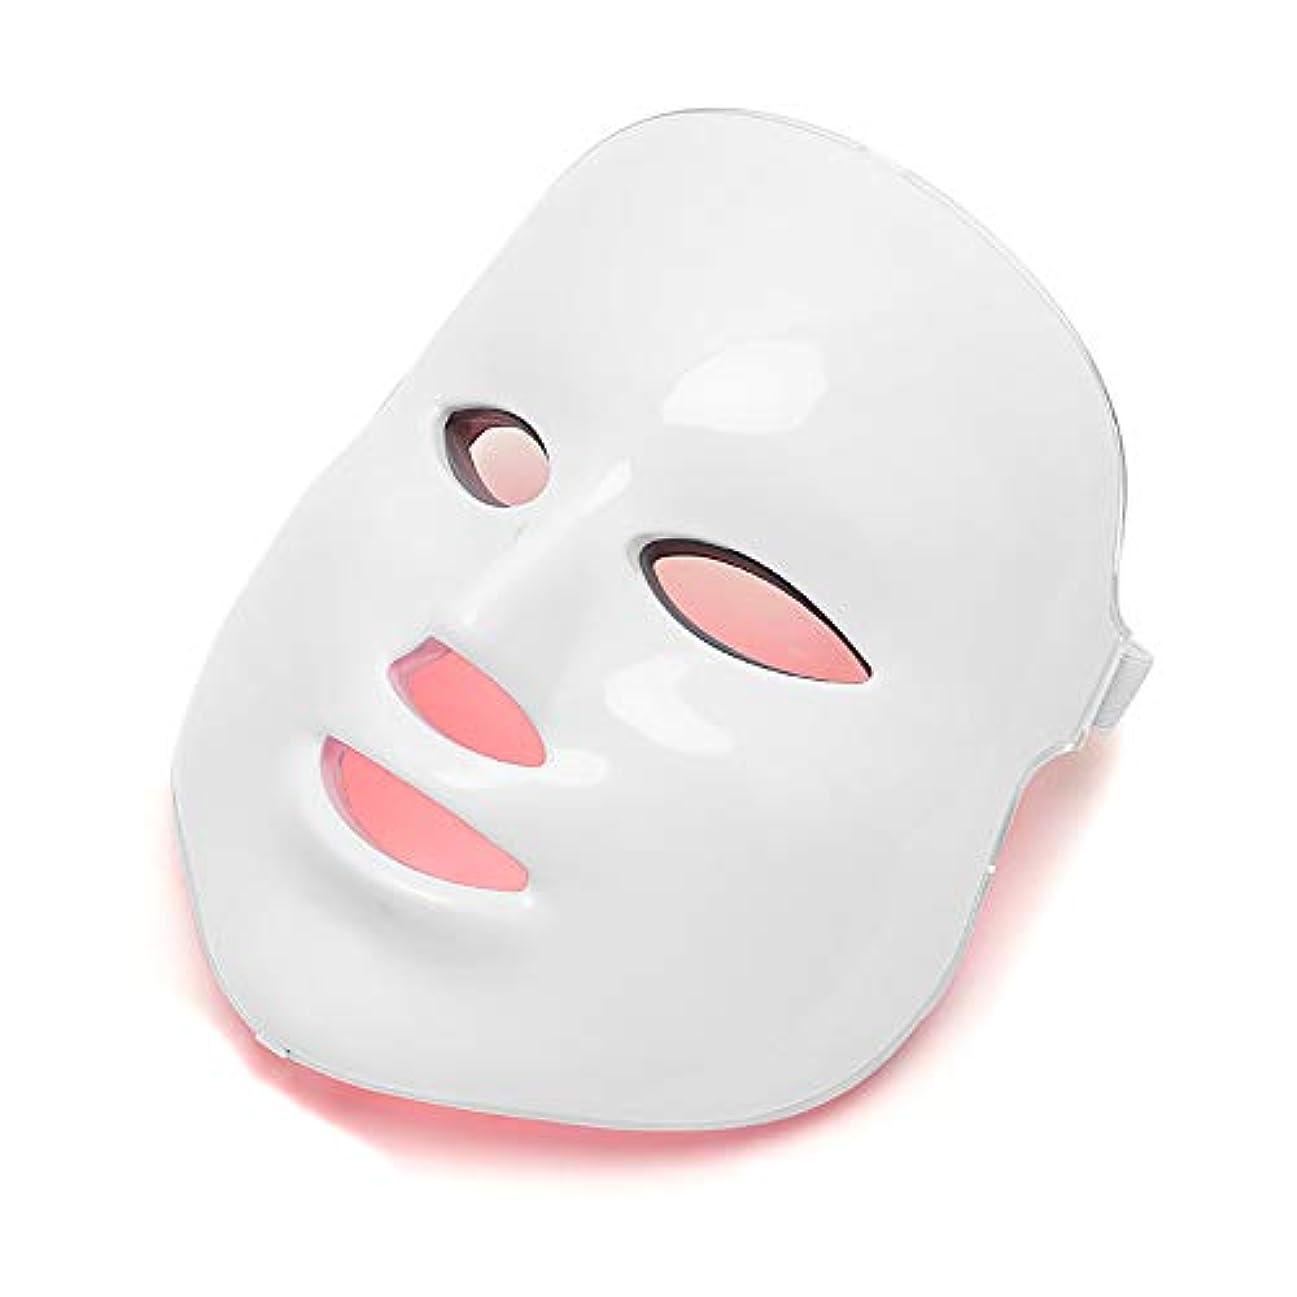 代名詞ディスパッチ社会学7色の顔のマスクLED顔のマスクLEDの顔のマスクの美は導かれた顔のマスクの美機械を導きました